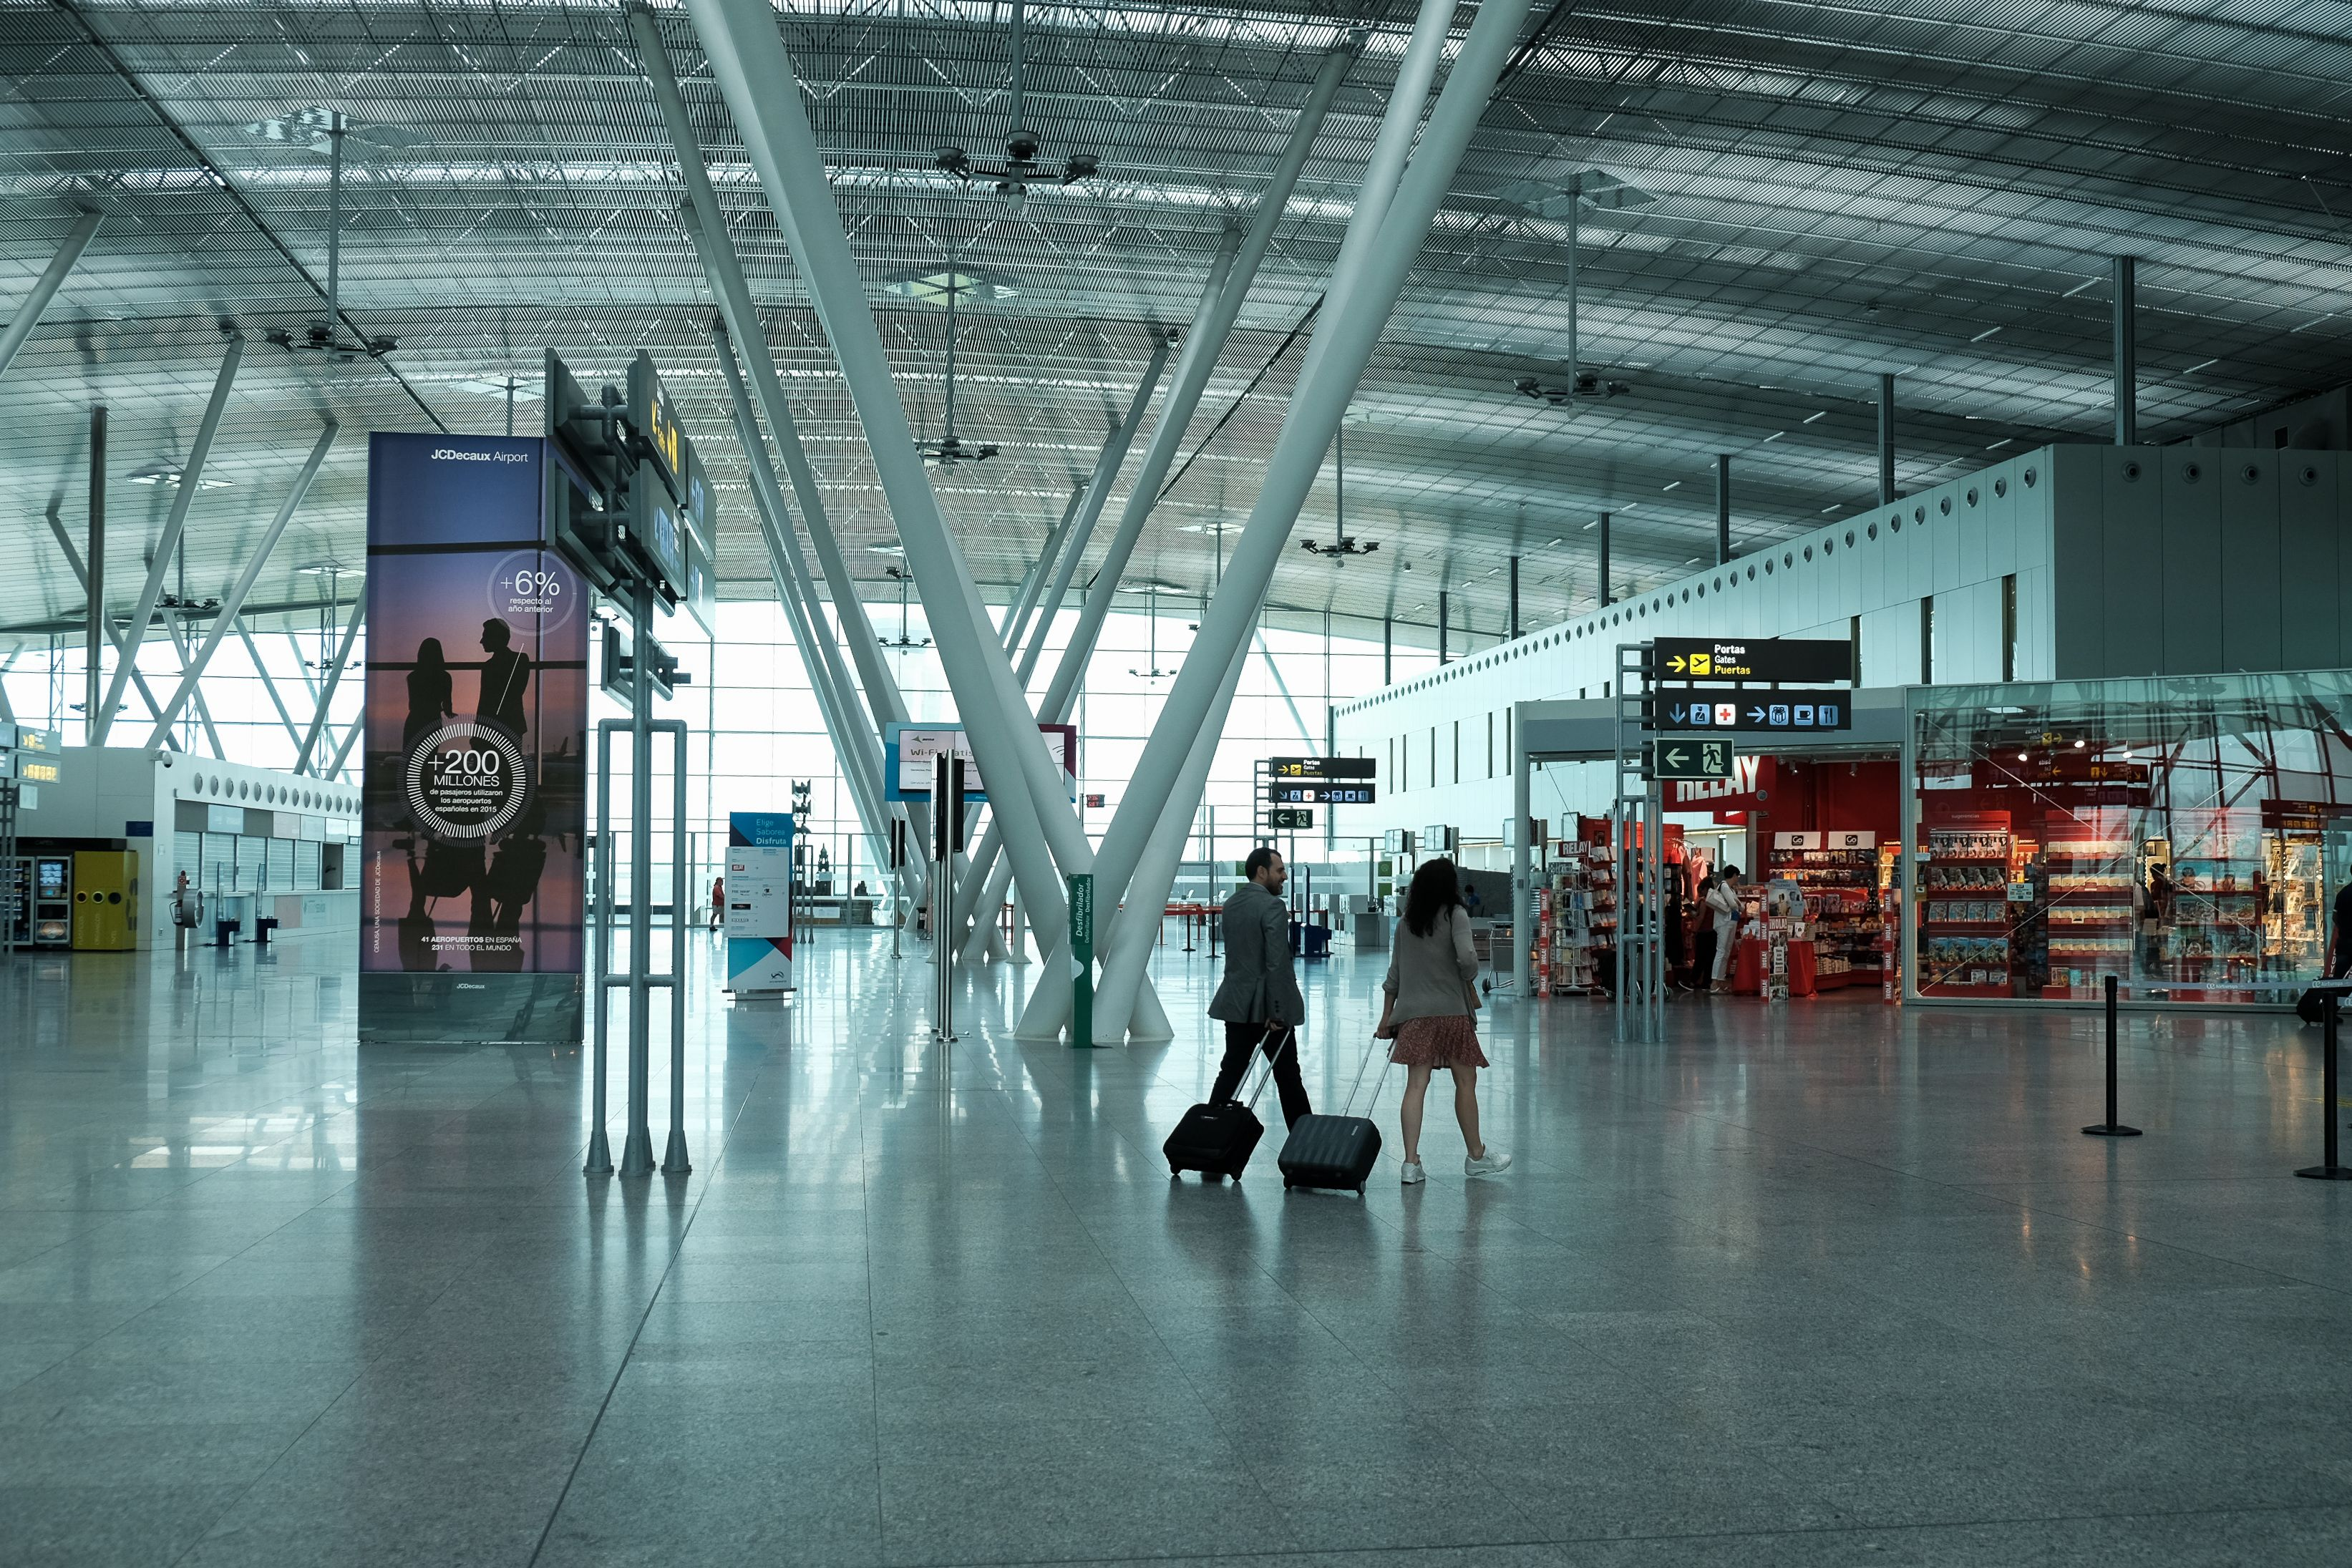 Instalaciones del aeropuerto de Lavacolla - FOTO: Arxina